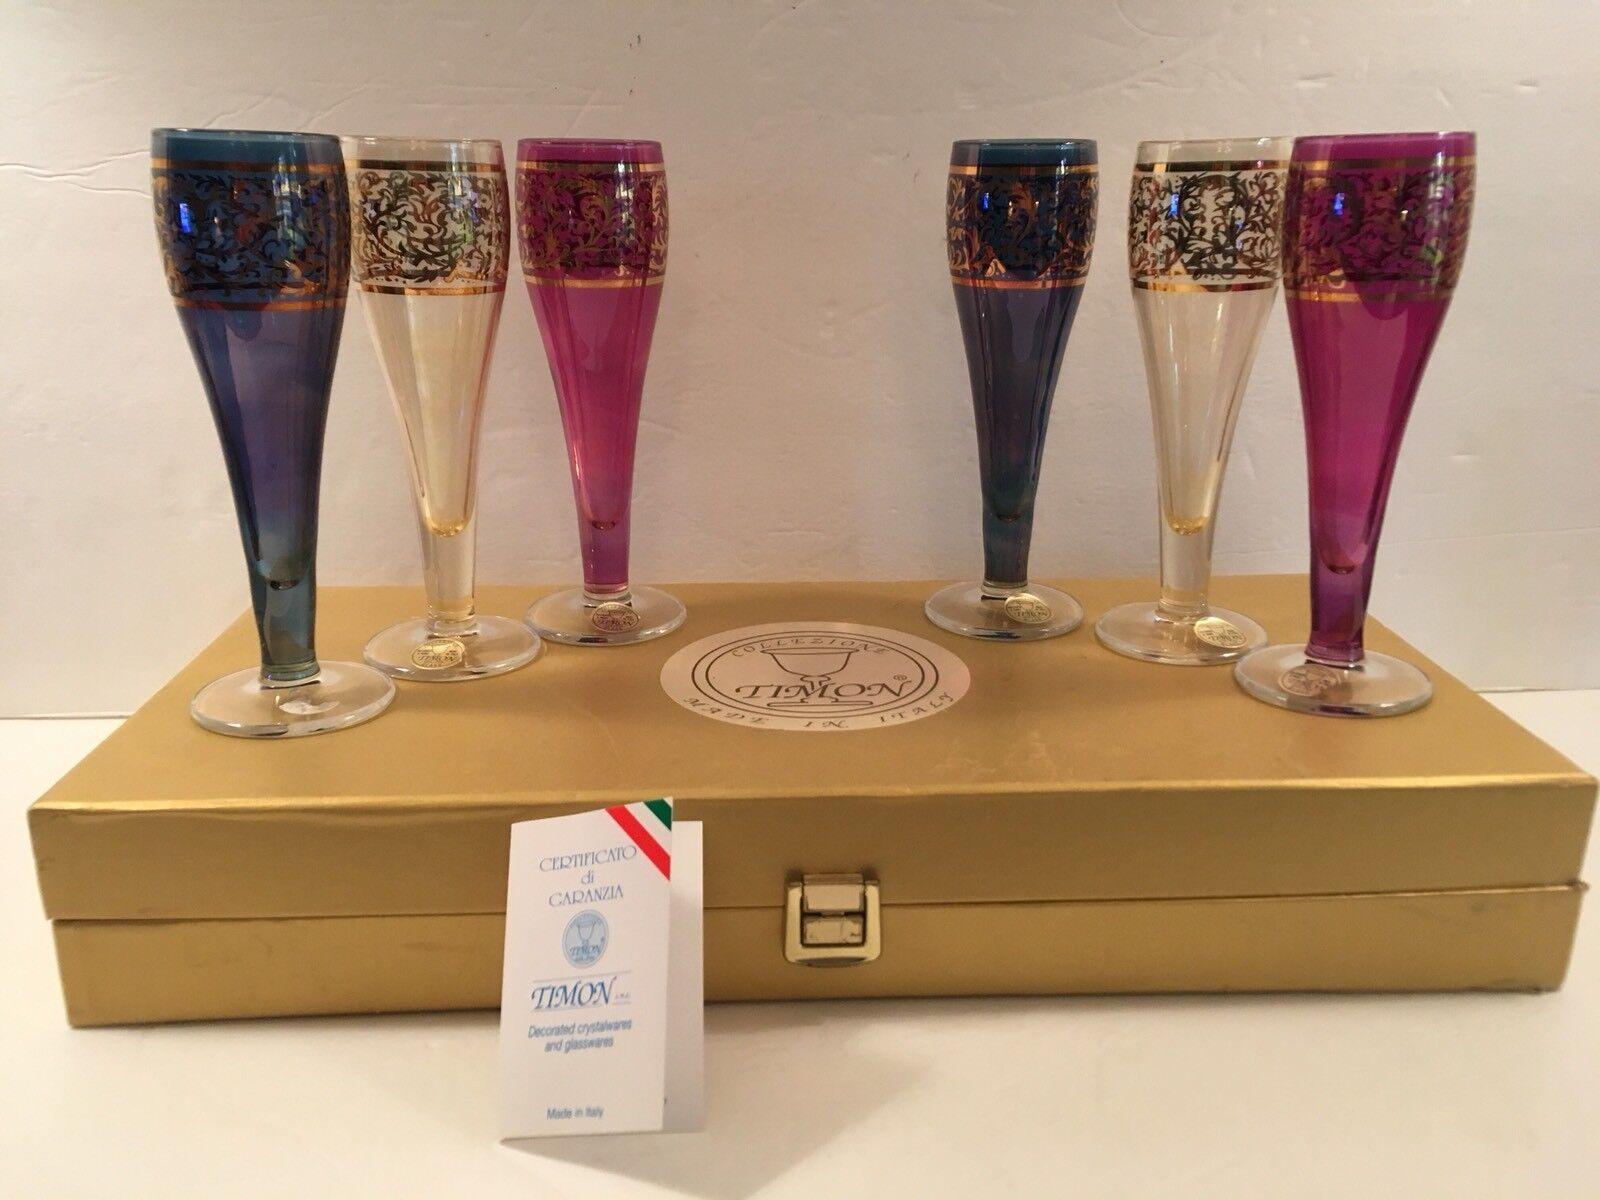 Timon Sherry Lunettes Italien Couleur 8 oz (environ 226.79 g) décor à la main or 24k accentué COA